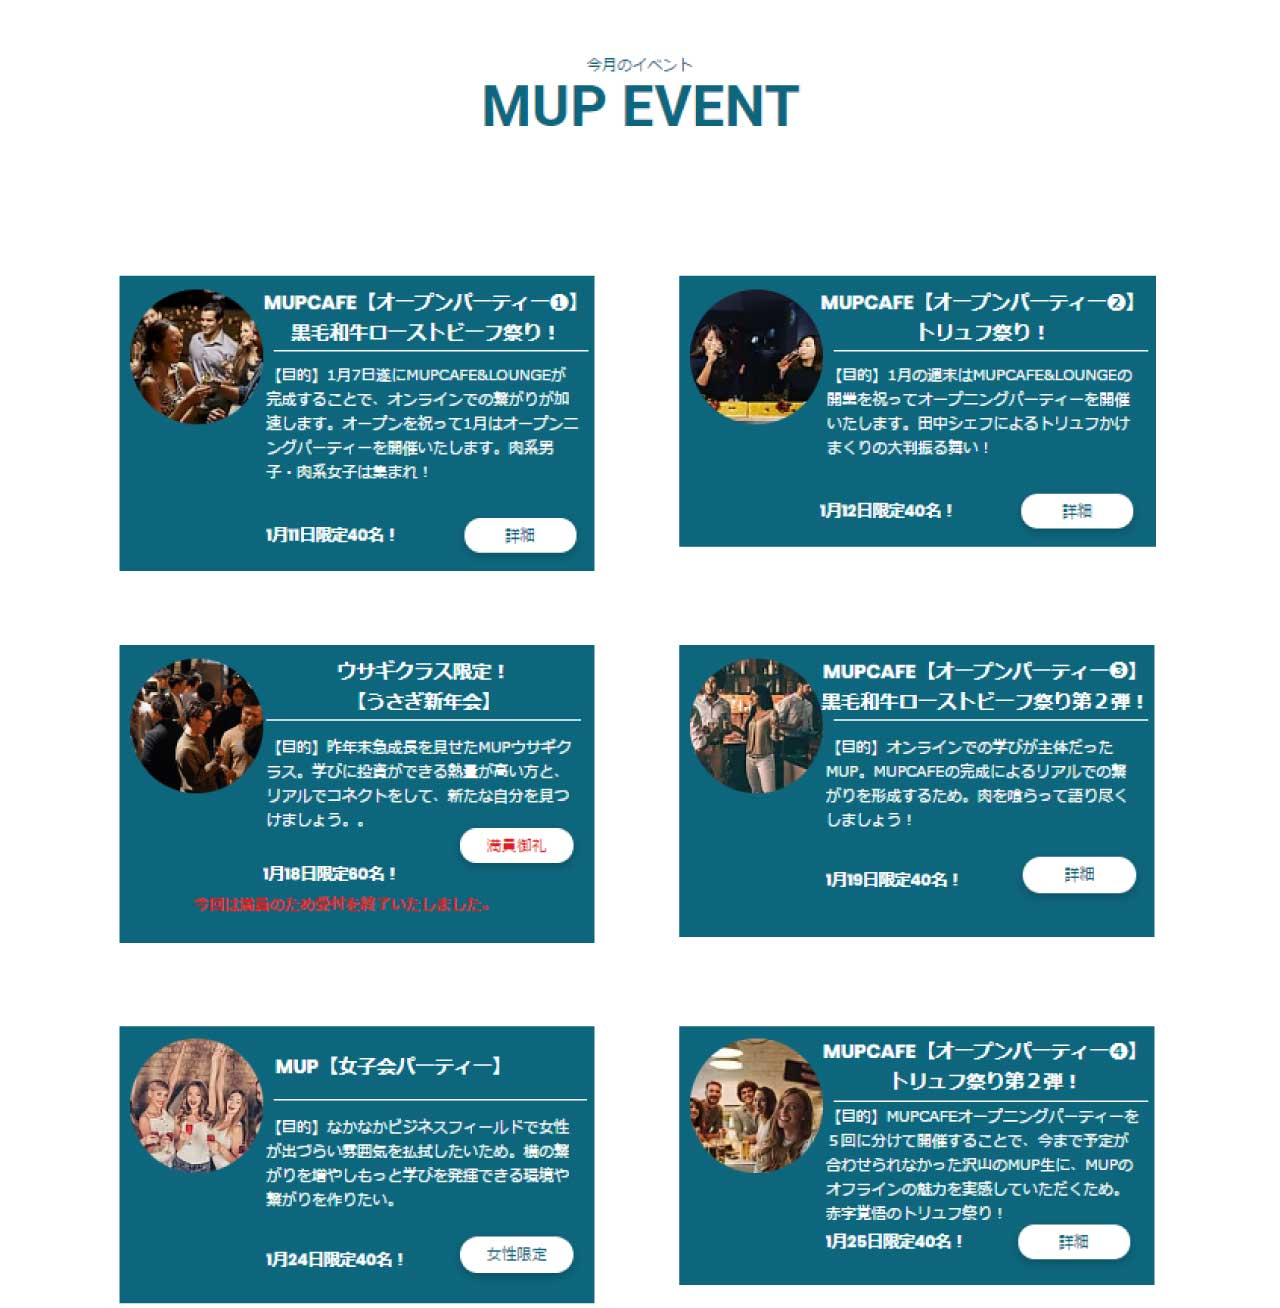 MUPカフェでMUPのイベントが定期的に用意されている。